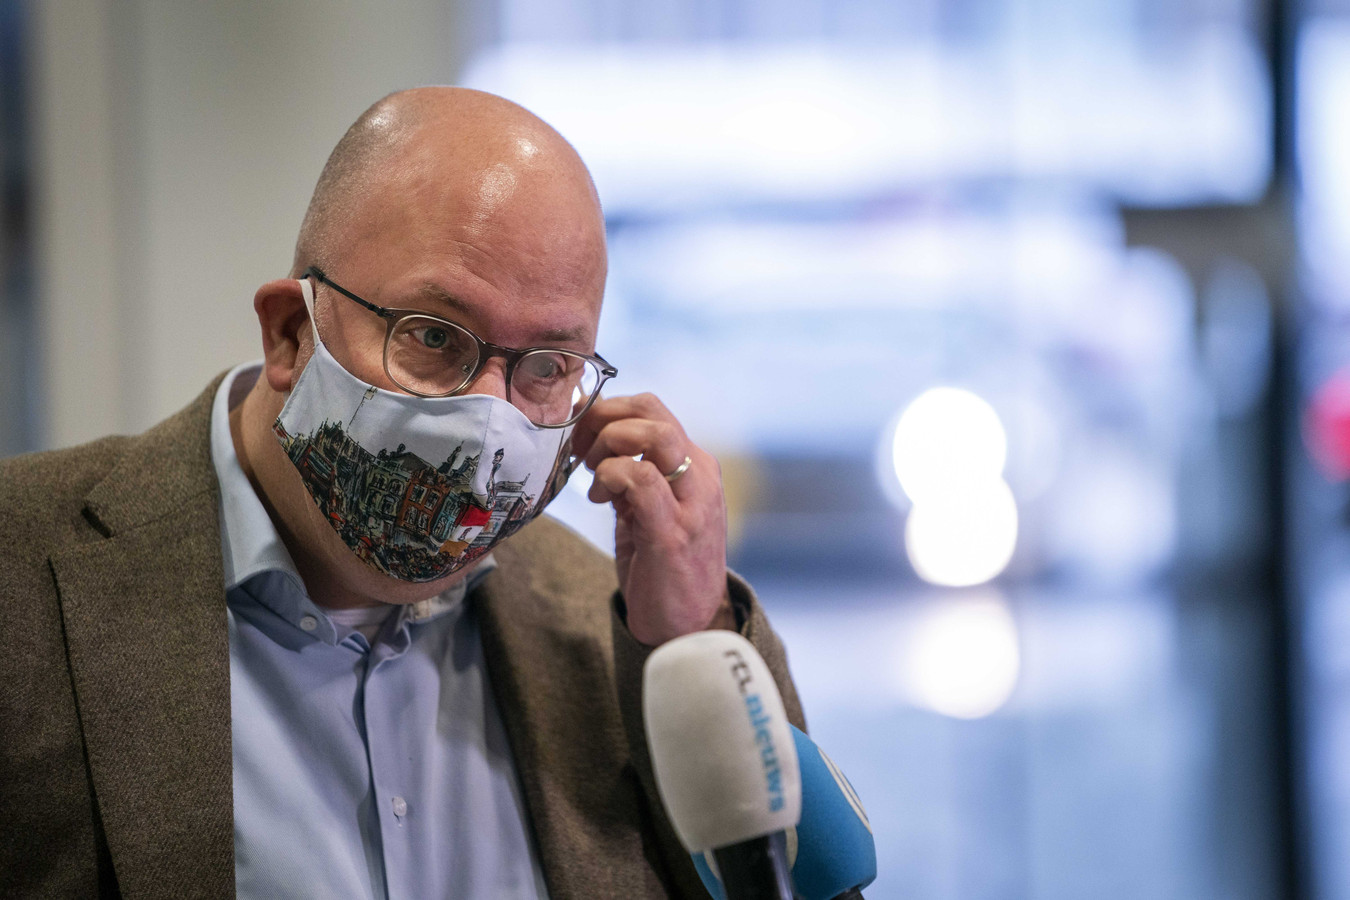 Burgemeester Jack Mikkers van Den Bosch.